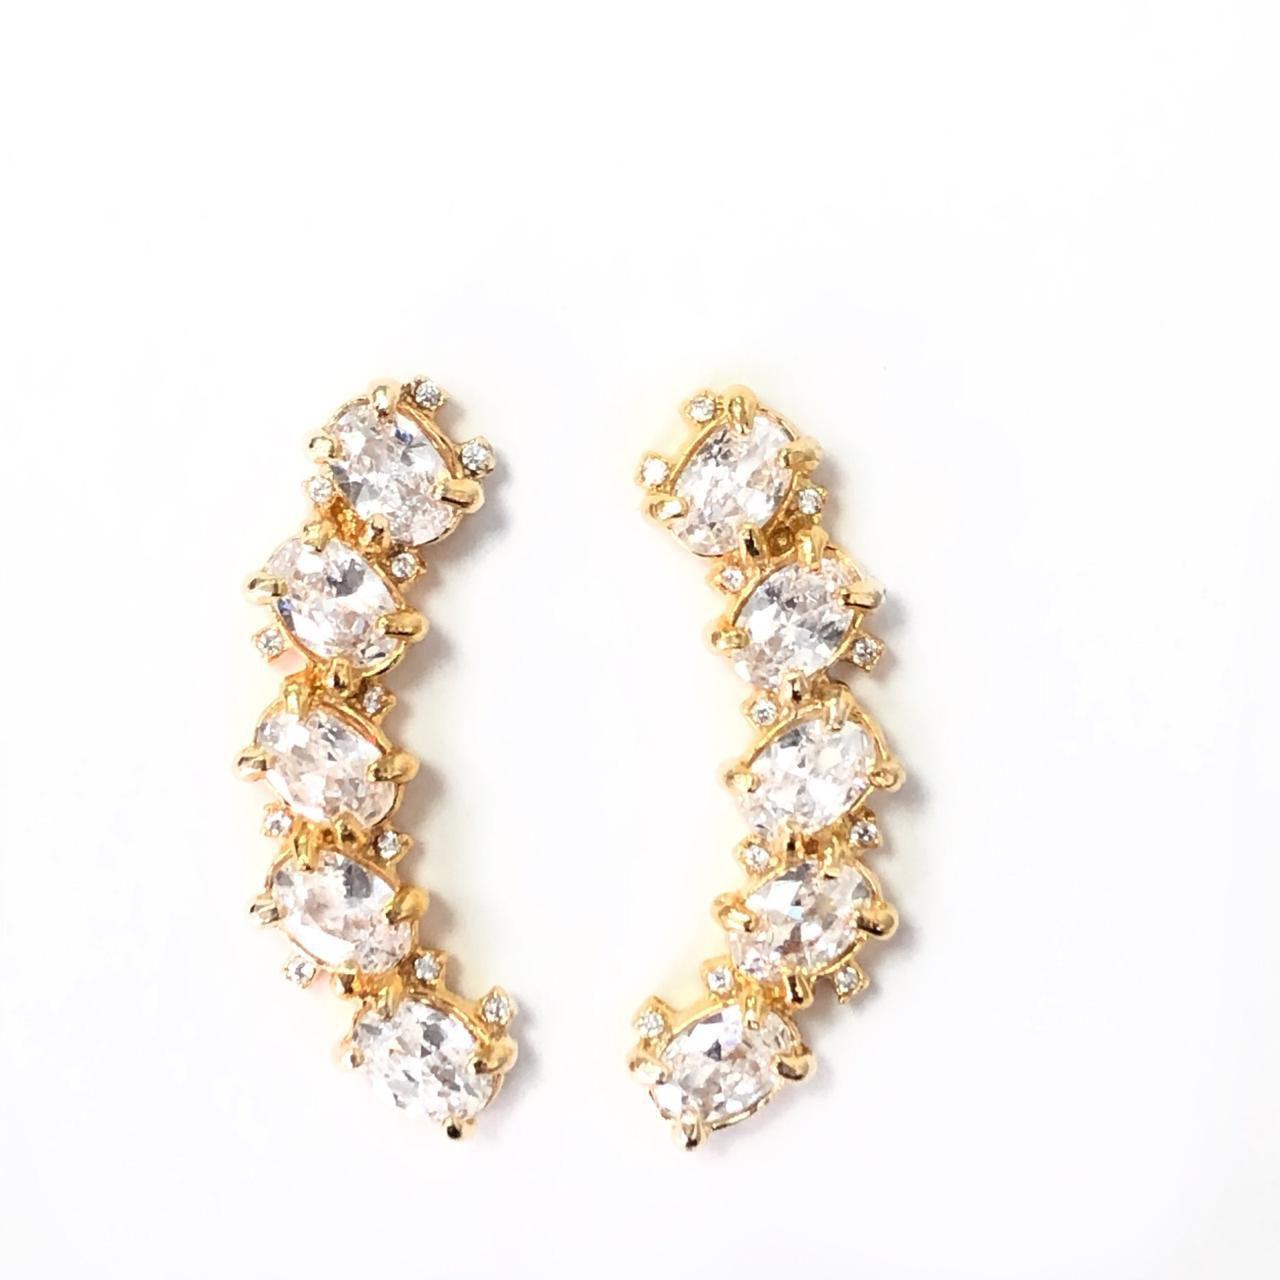 Brinco Ear Cuff Zircônia Branca Oval Cravejada Banho Em Ouro 18k